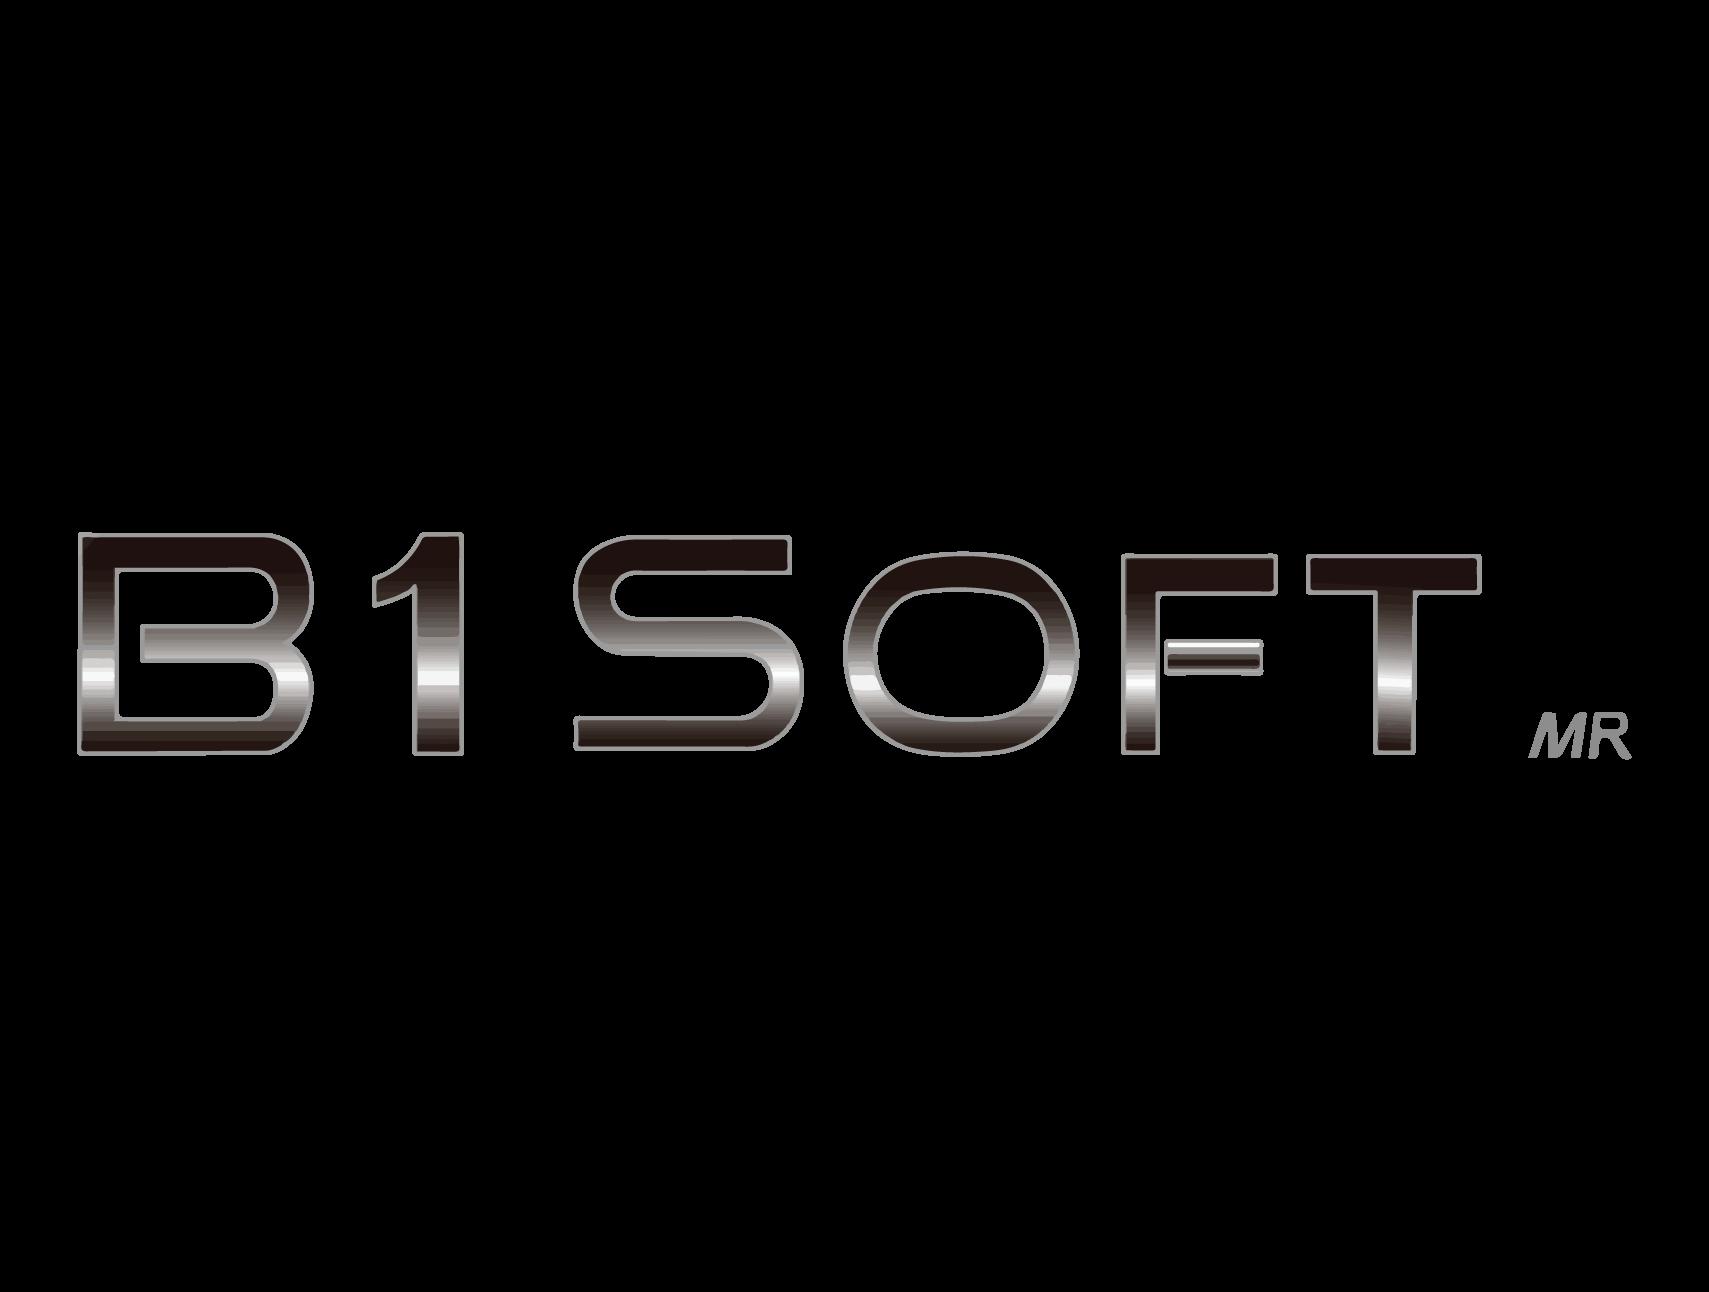 B1 Soft